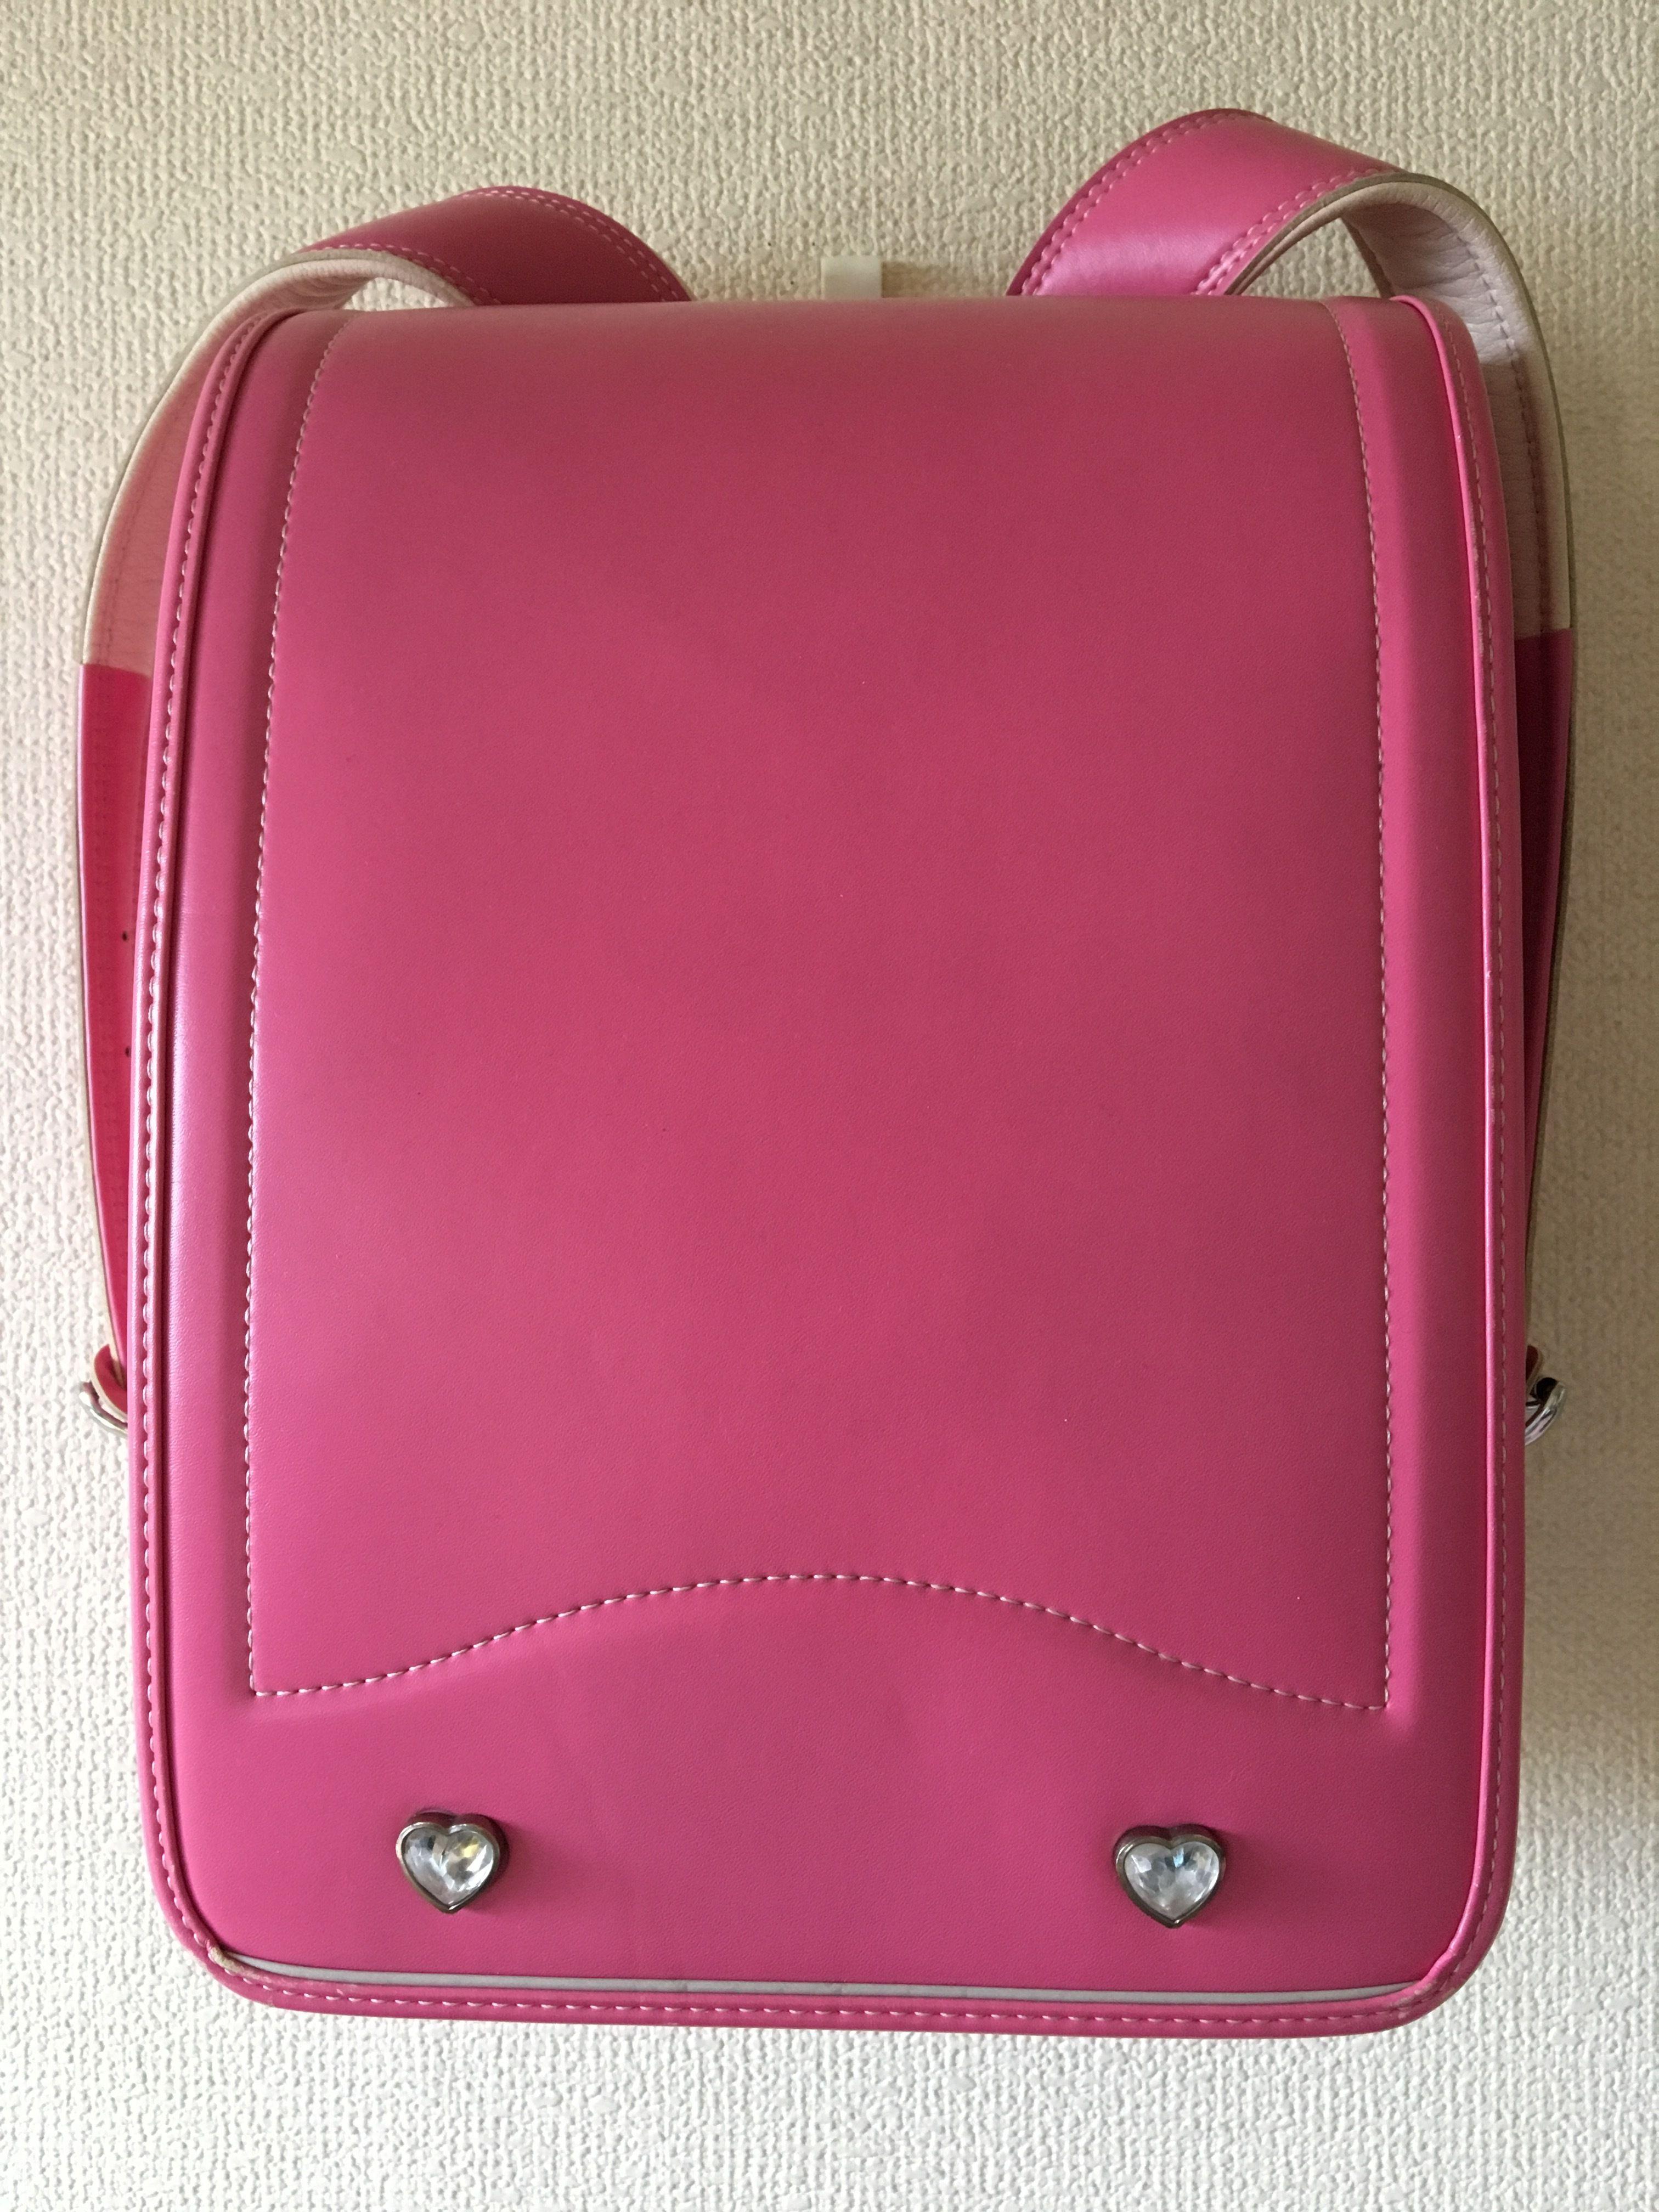 ランドセル olivier enfants 日本製  ピンク 綺麗なワンオーナー中古 オートロック式 ハートモチーフ